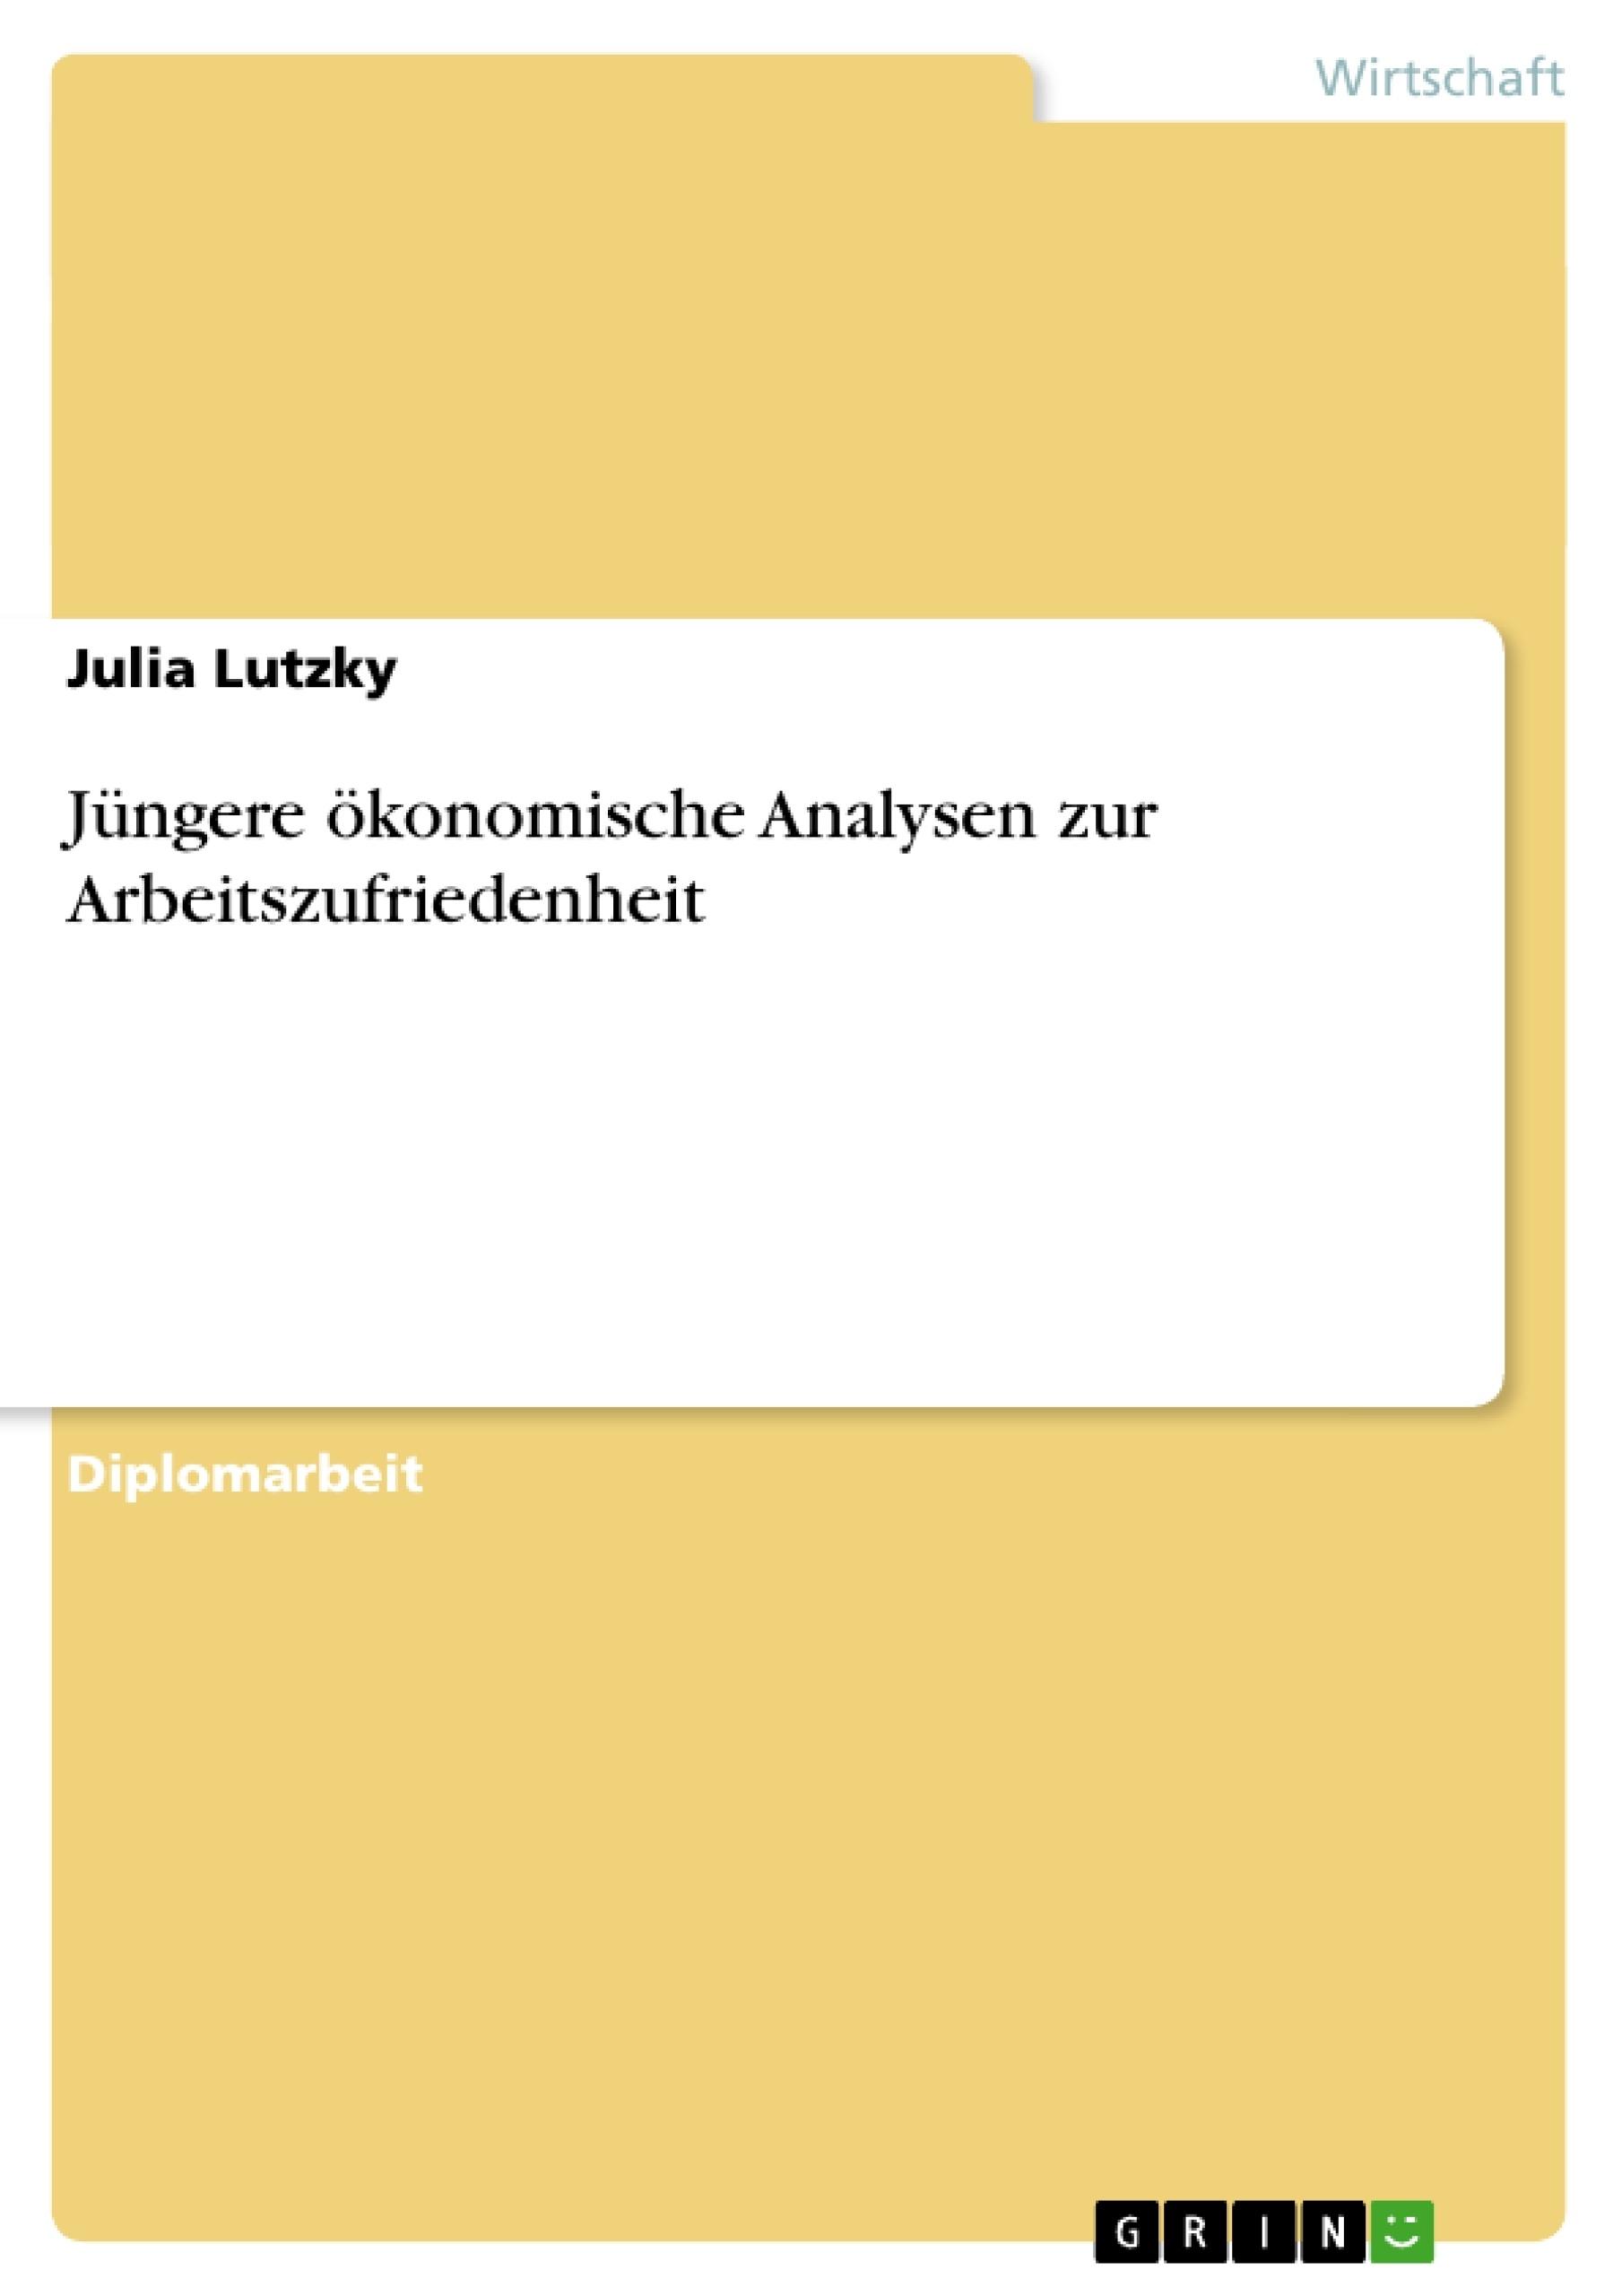 Titel: Jüngere ökonomische Analysen zur Arbeitszufriedenheit